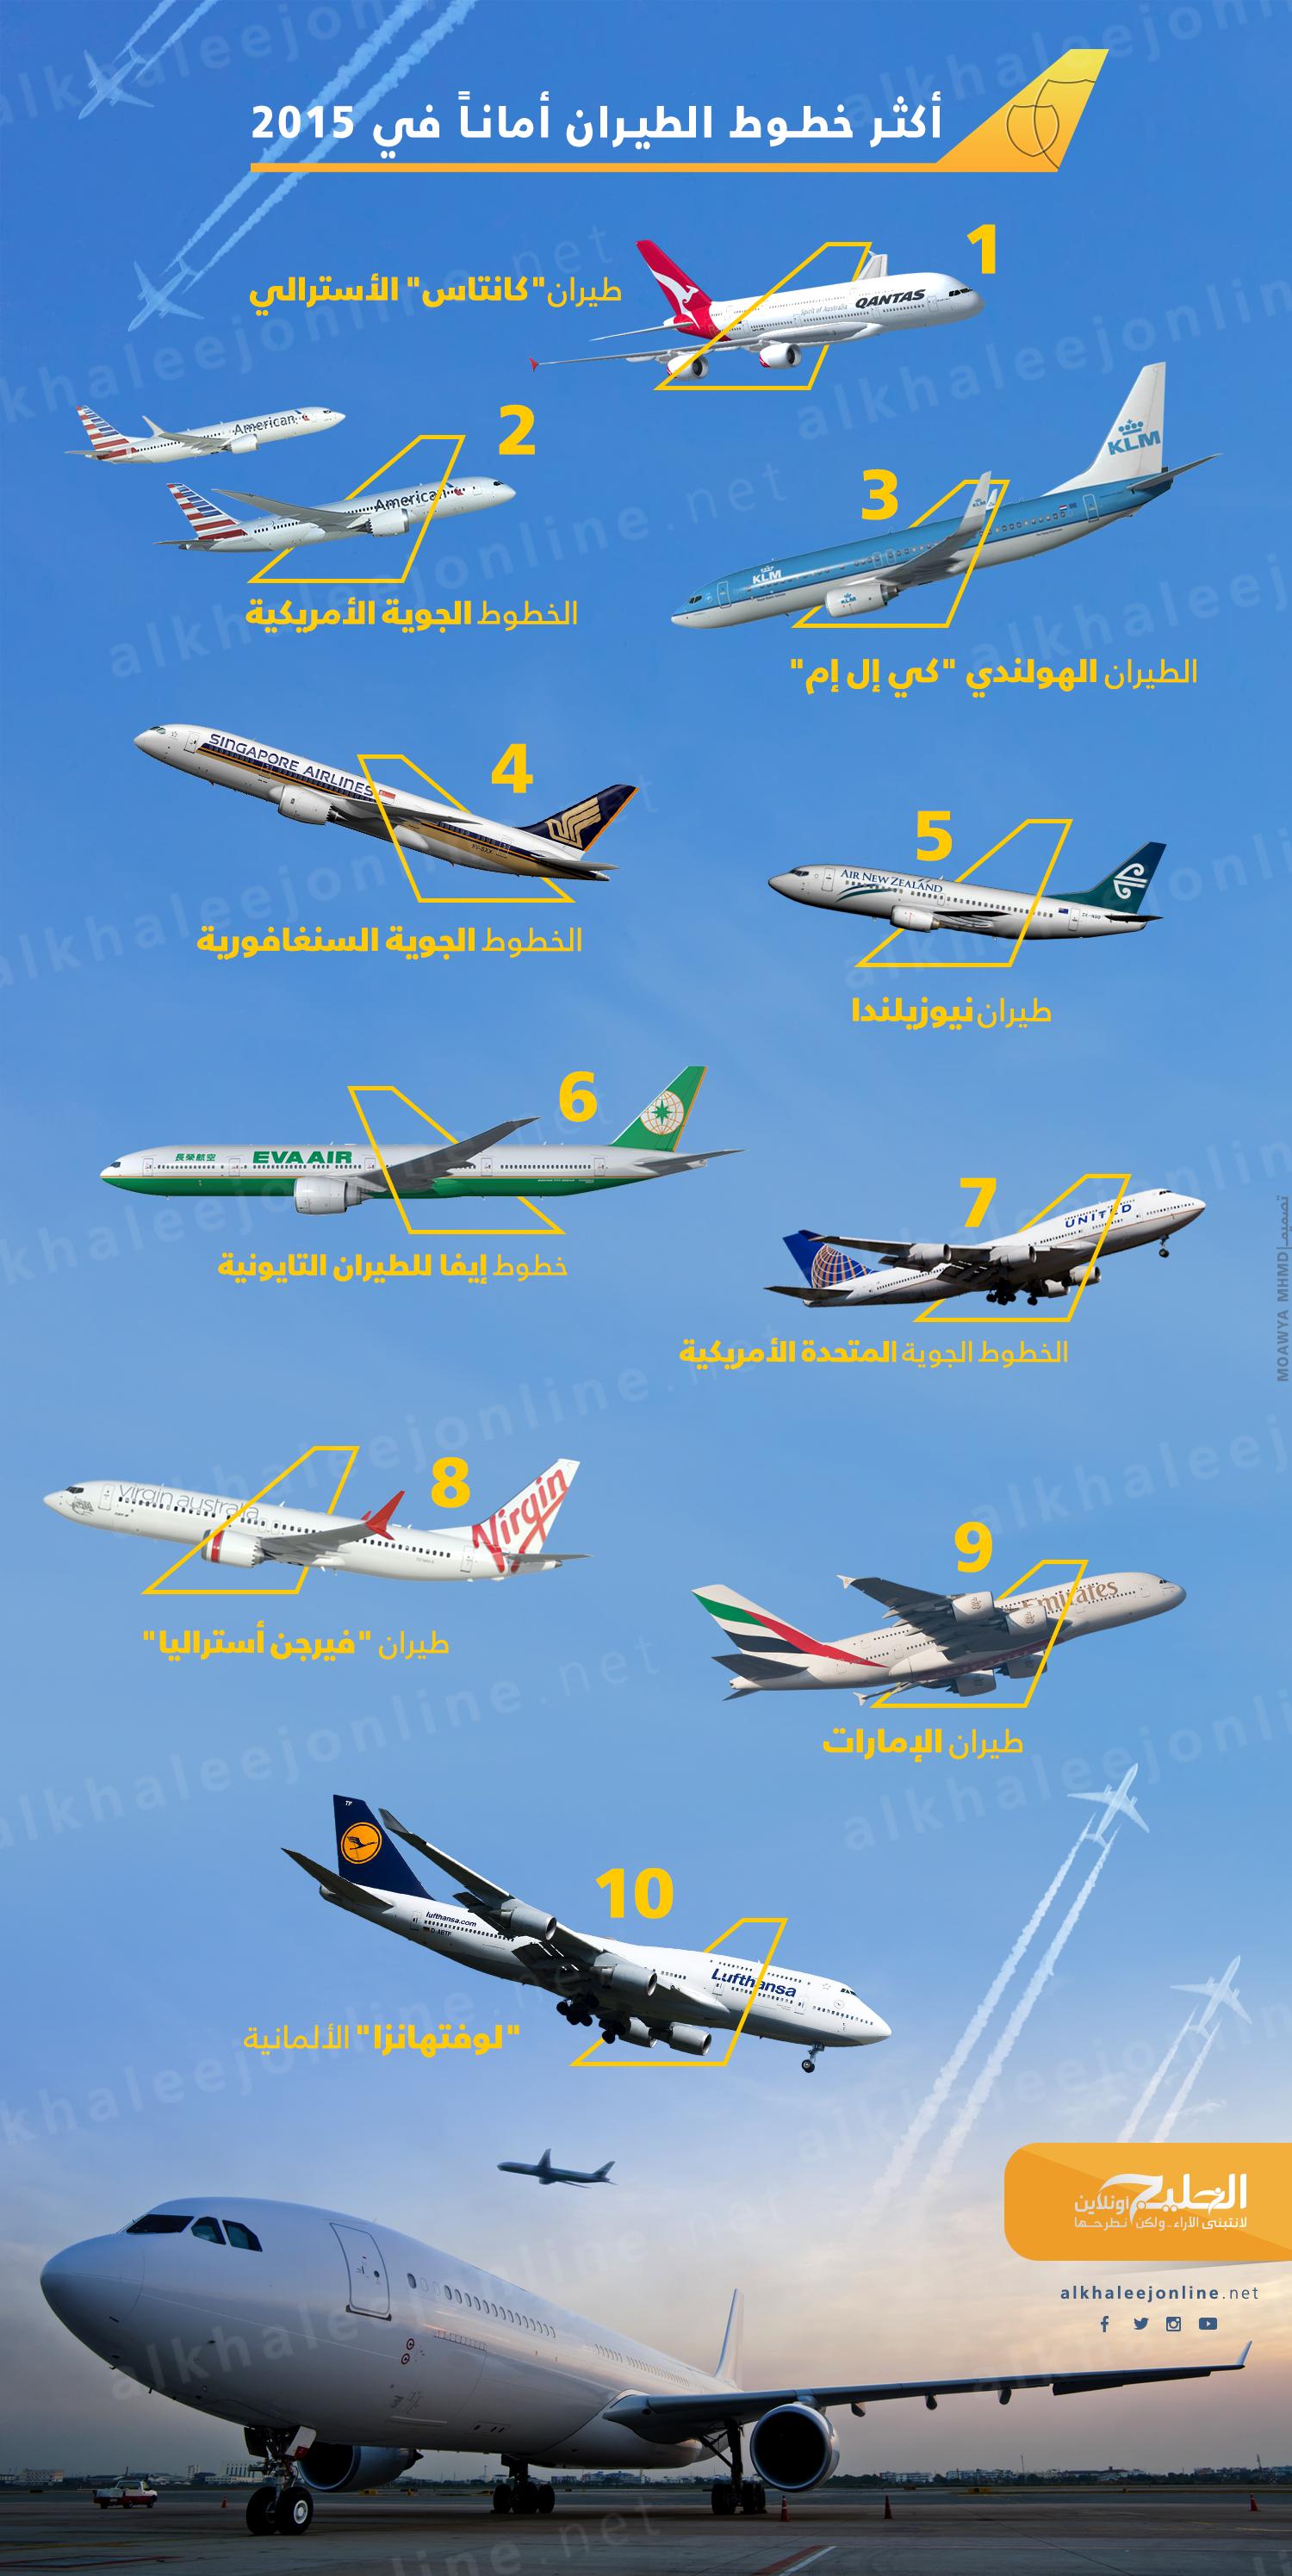 شركات-الطيران-الأكثر-أمانا (2)